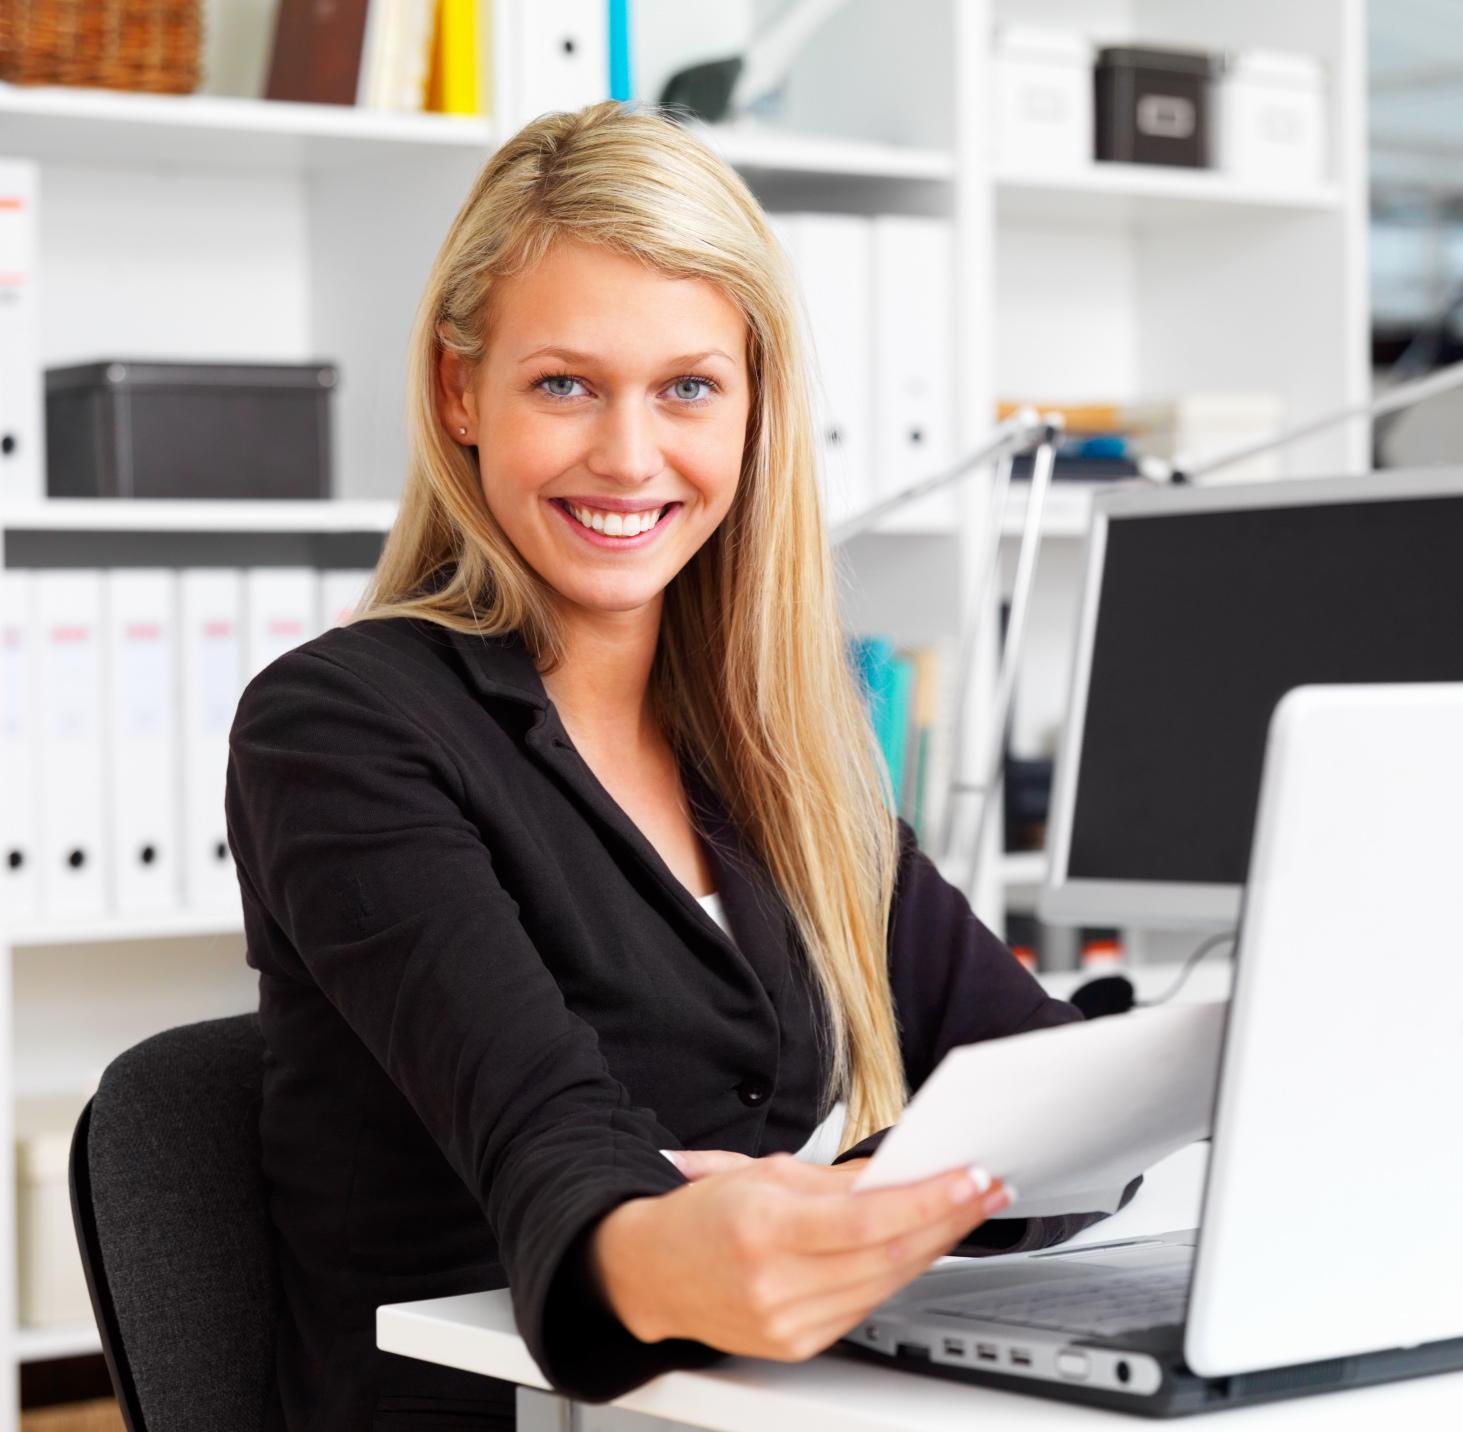 приходящий бухгалтер вакансии